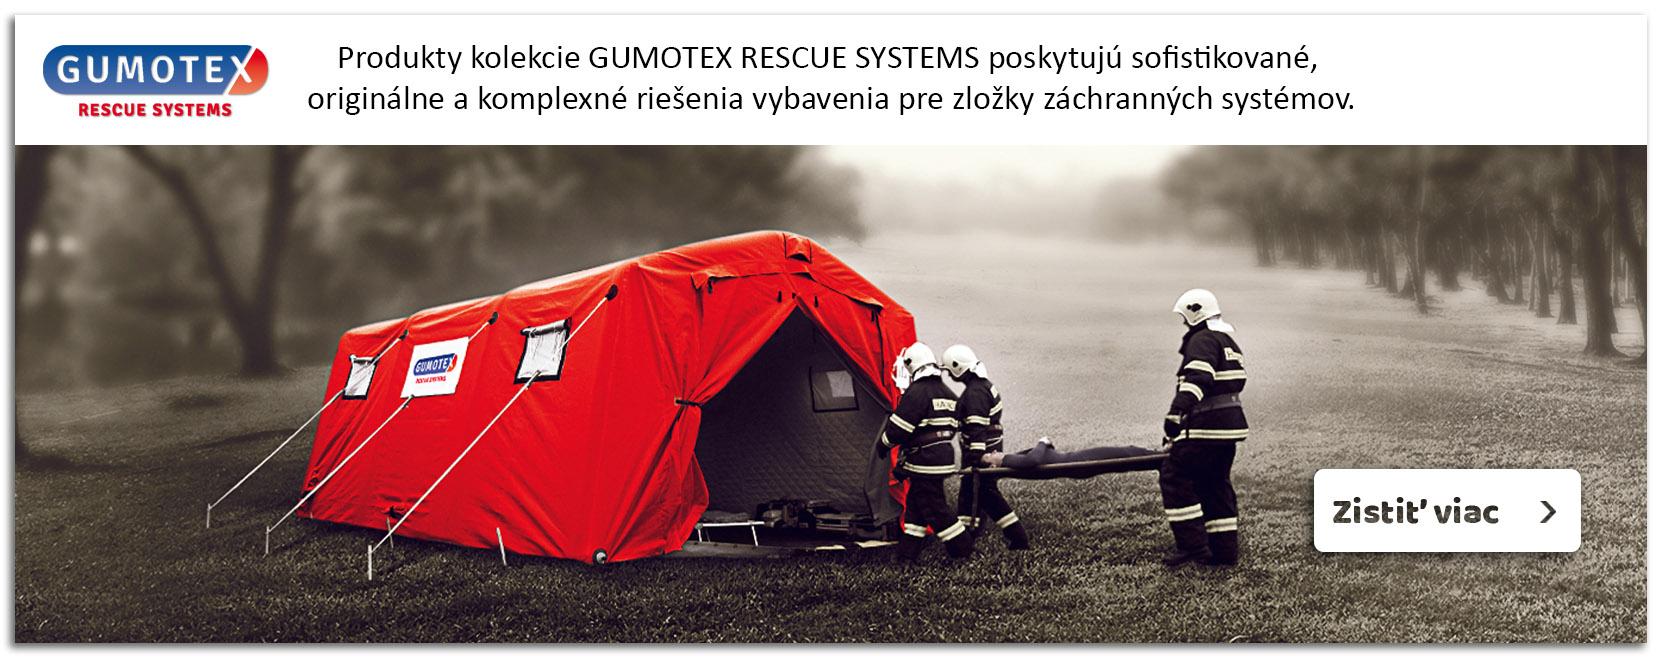 GUMOTEX RESCUE SYSTEMS